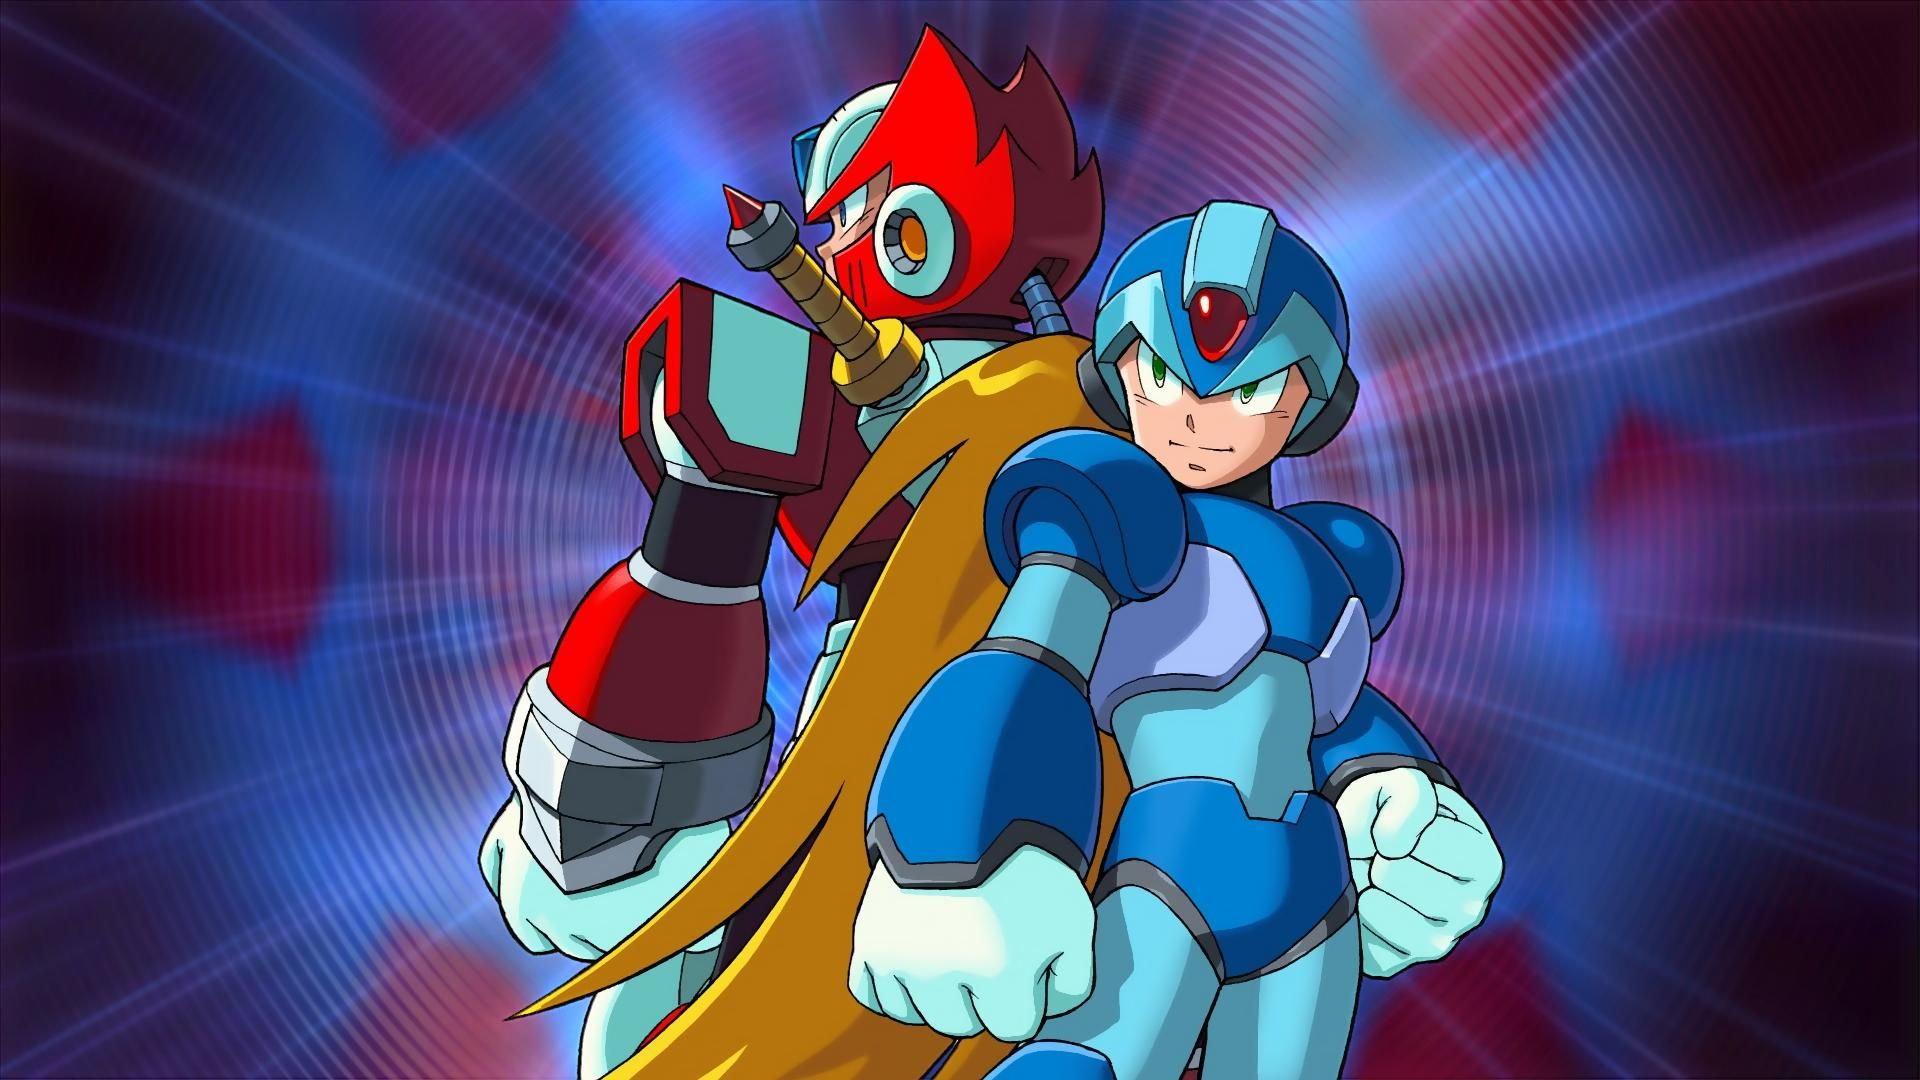 Mega Man X Wallpapers Wallpaper Cave Mega Man Hd Wallpaper Desktop Anime Fandom